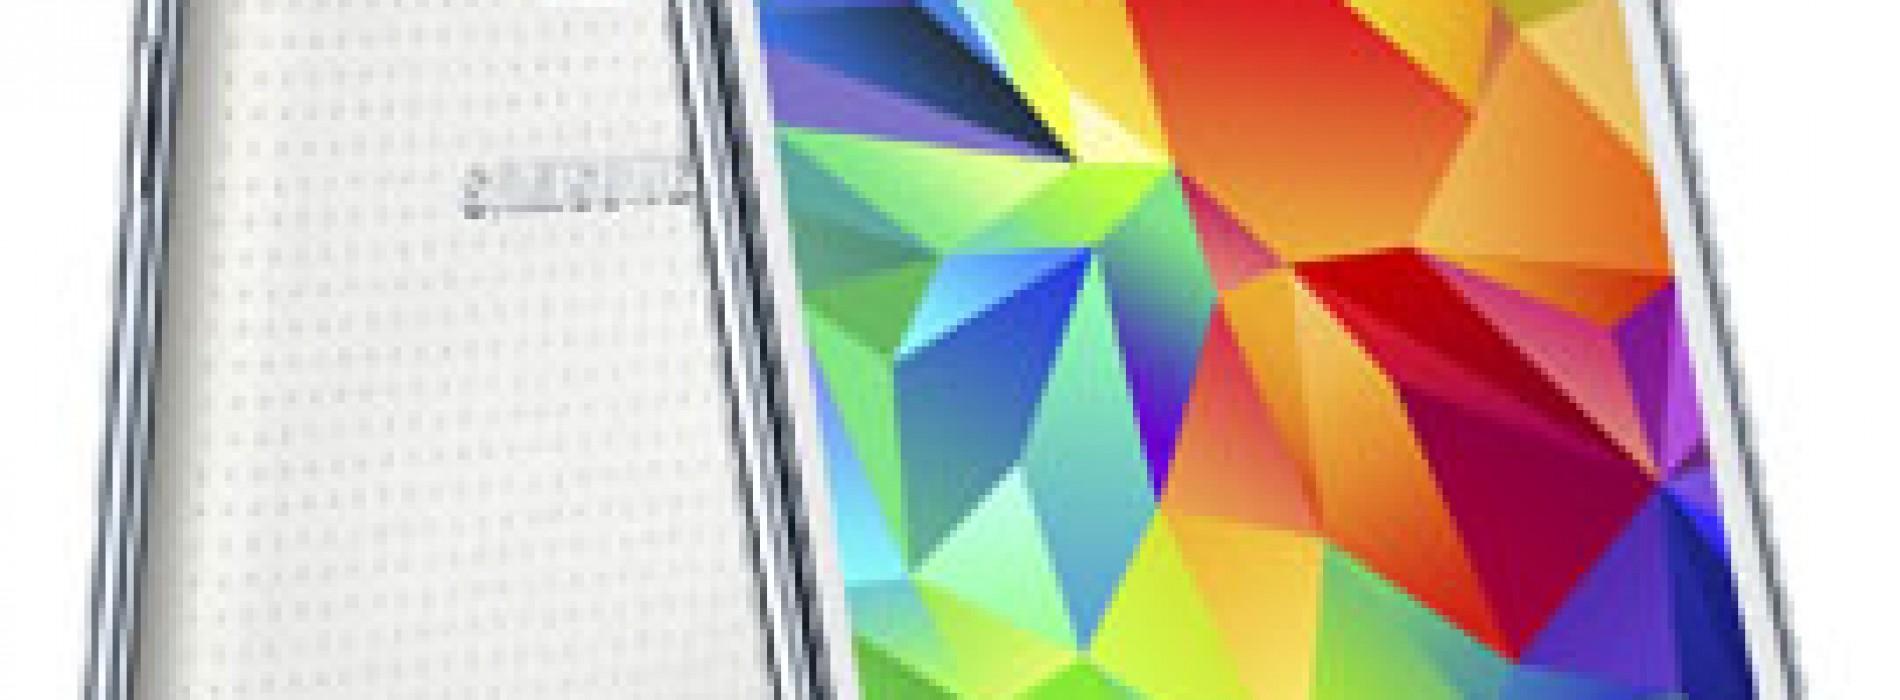 Galaxy S5 creado pensando en el consumidor